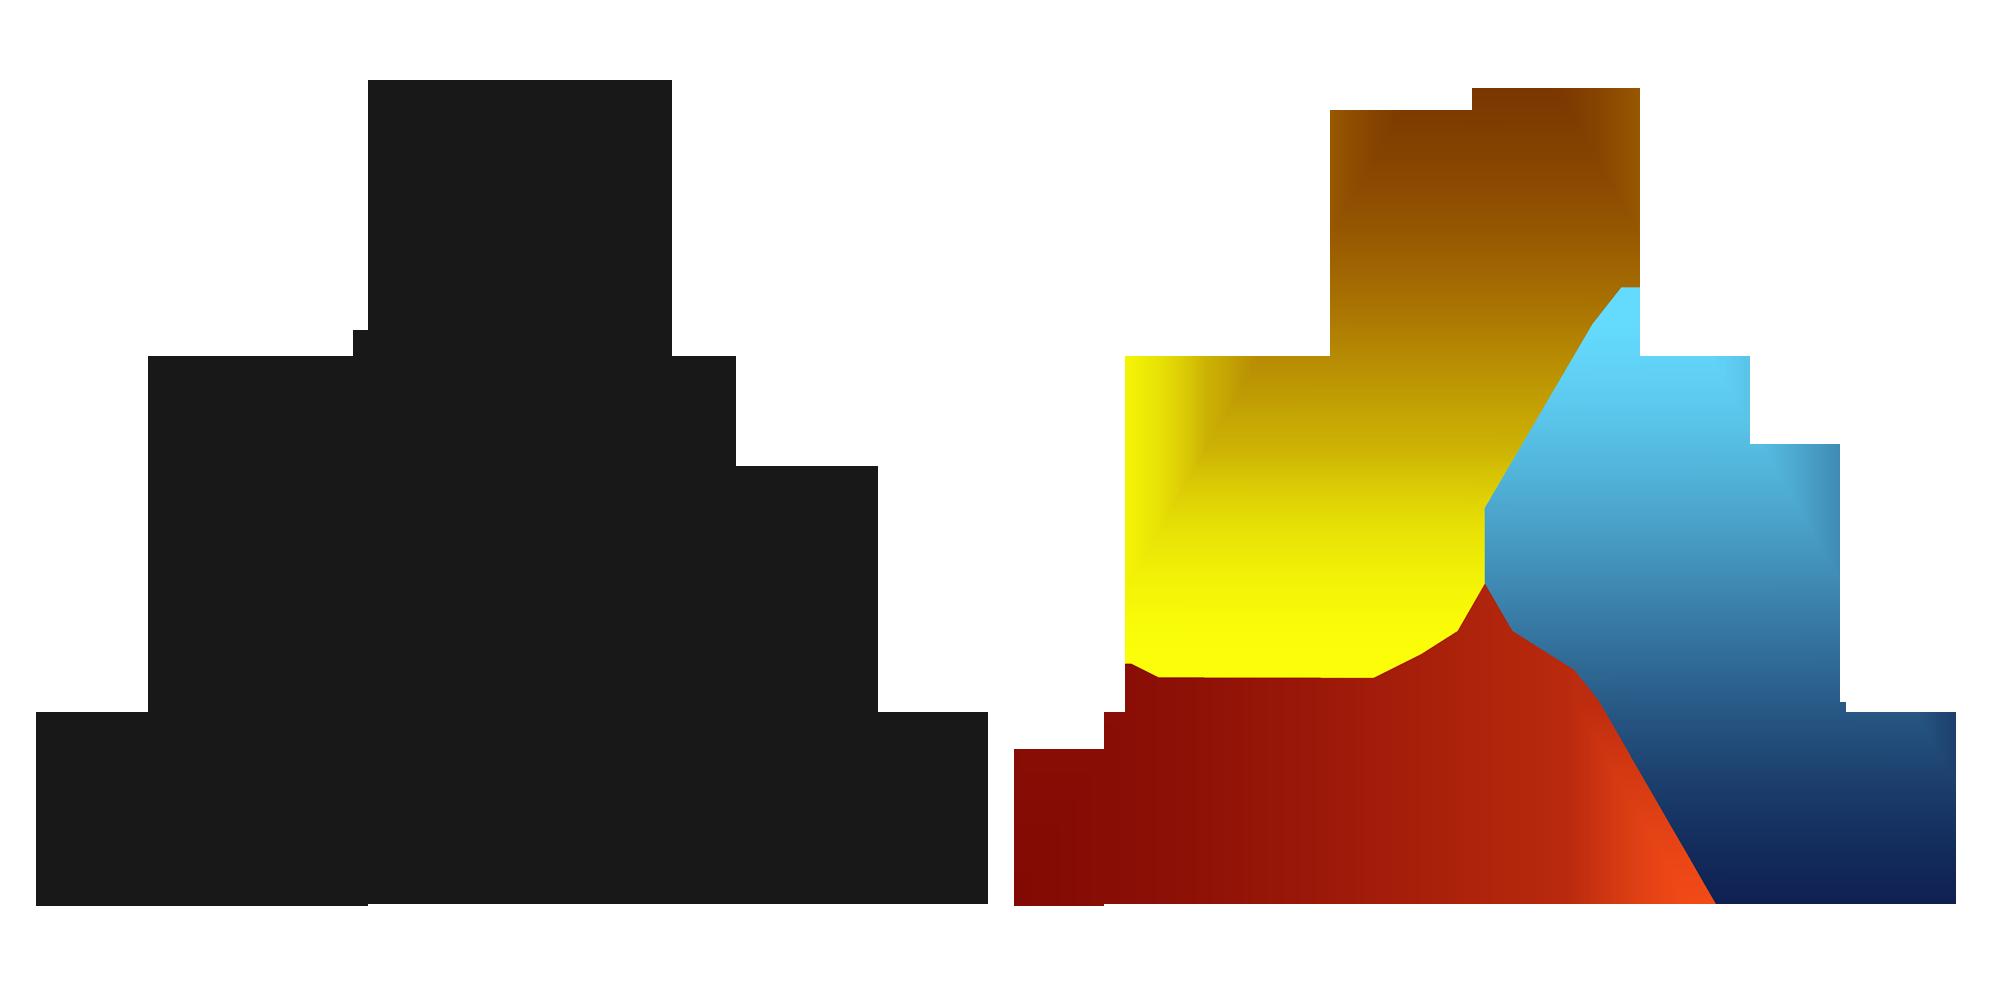 Animus Logo By Artef4ct By Artef4ct On Deviantart